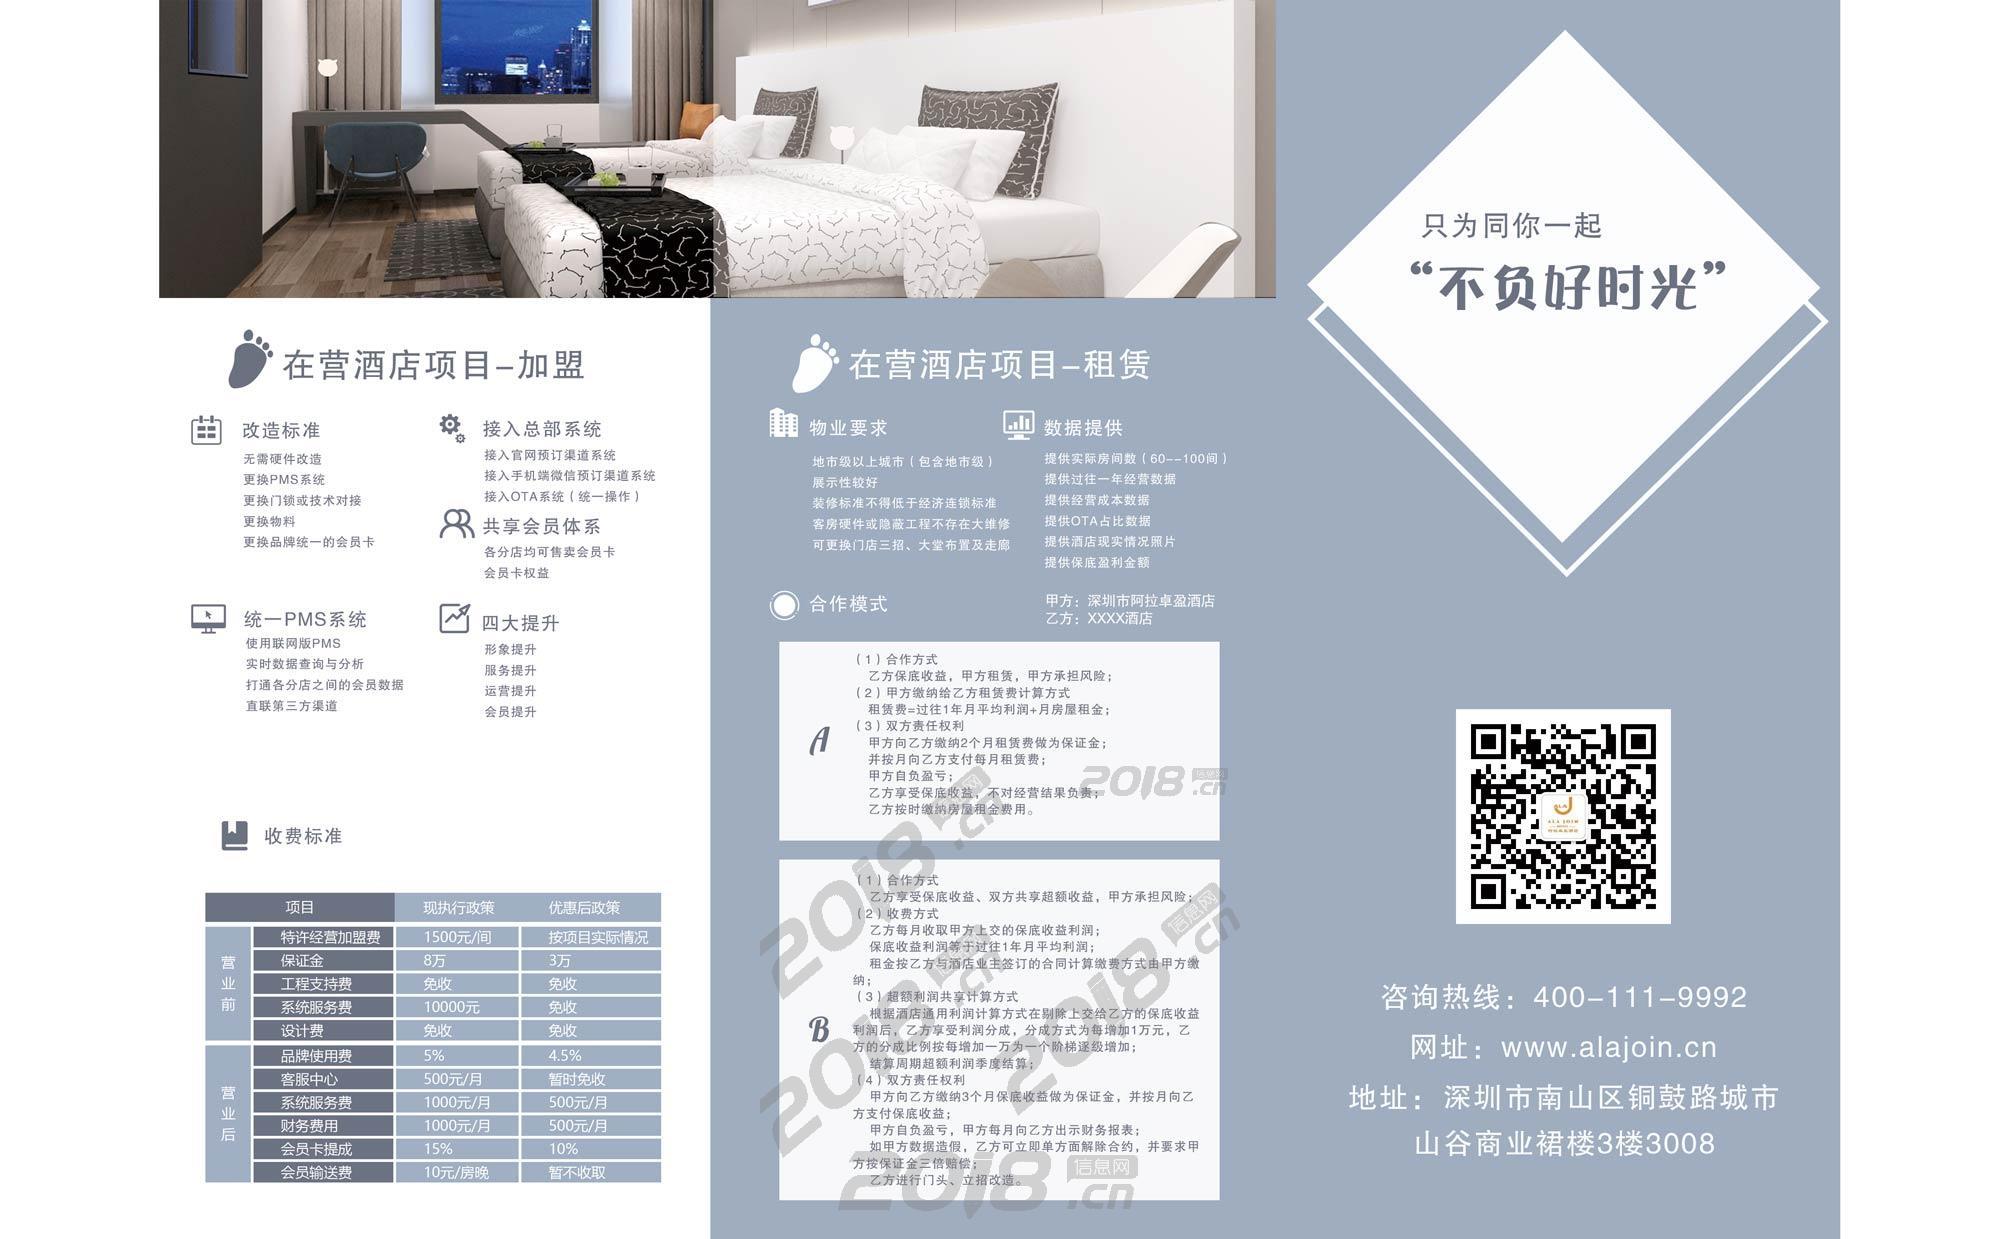 深圳阿拉卓盈酒店全茂名地区加盟招商